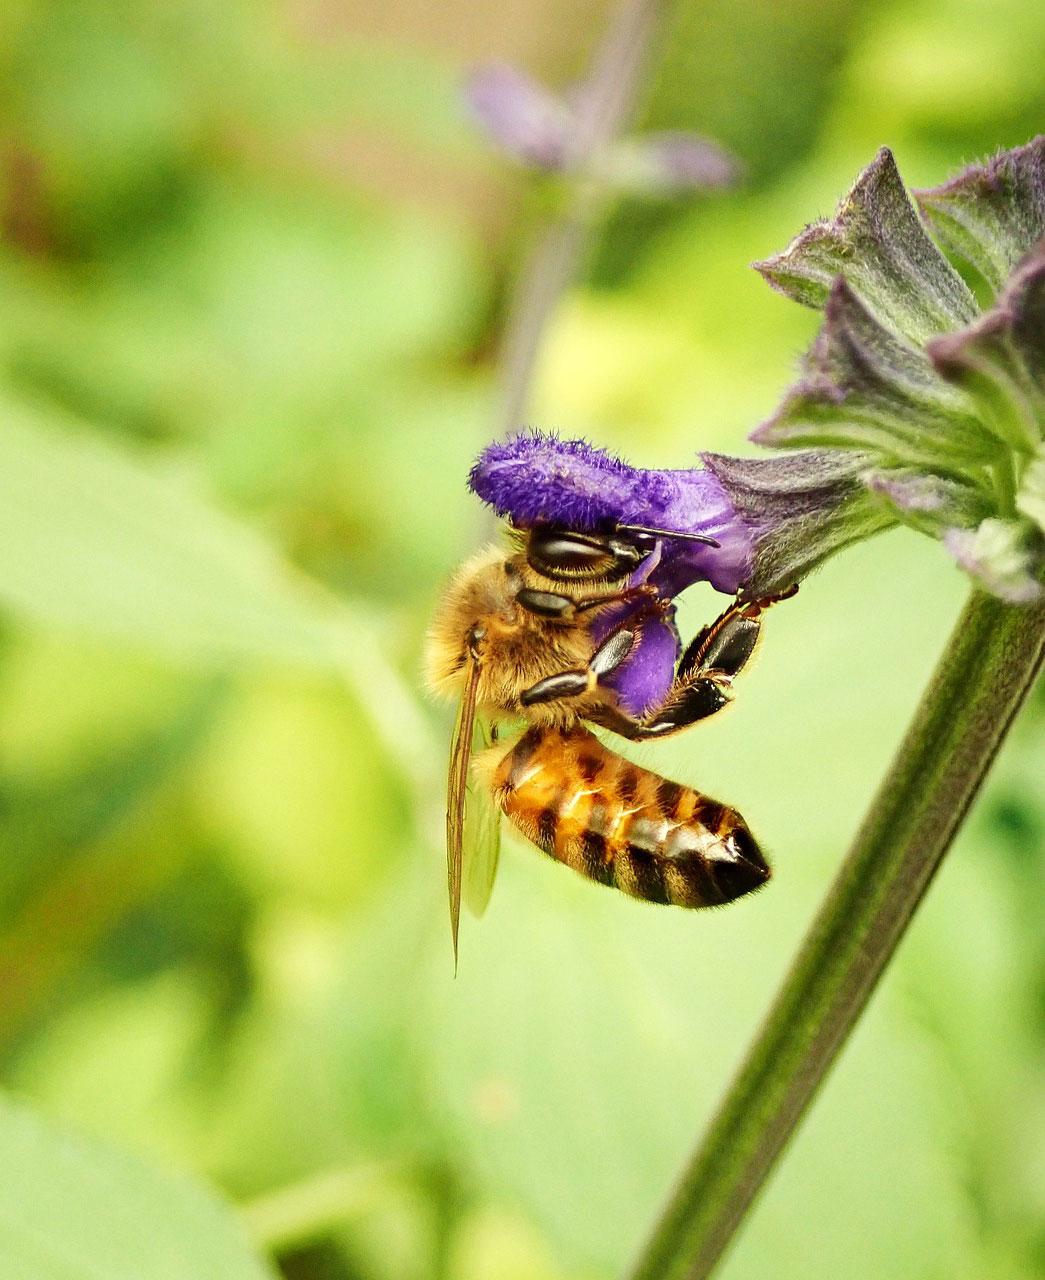 Bio Imkerei Bramreither - Bienenprodukte aus der Region Mühlviertel - Helfenberg - Penning